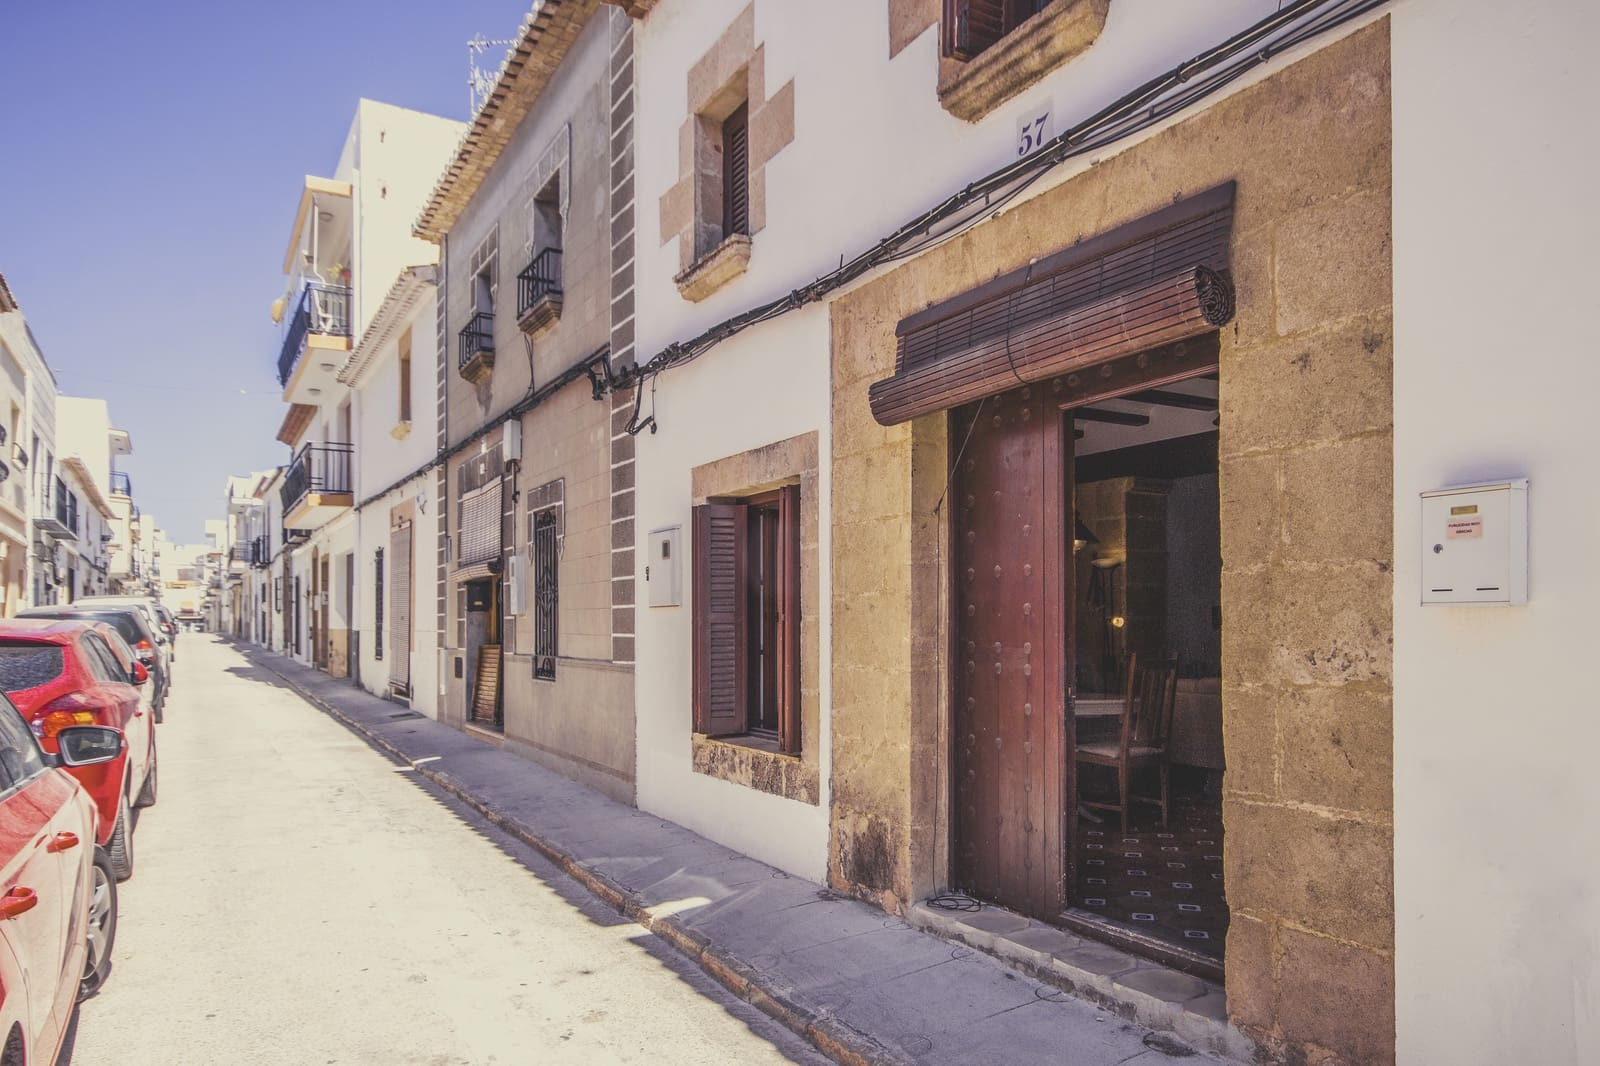 Casa de 2 habitaciones en Javea / Xàbia en alquiler vacacional con piscina garaje - 449 € (Ref: 5480720)